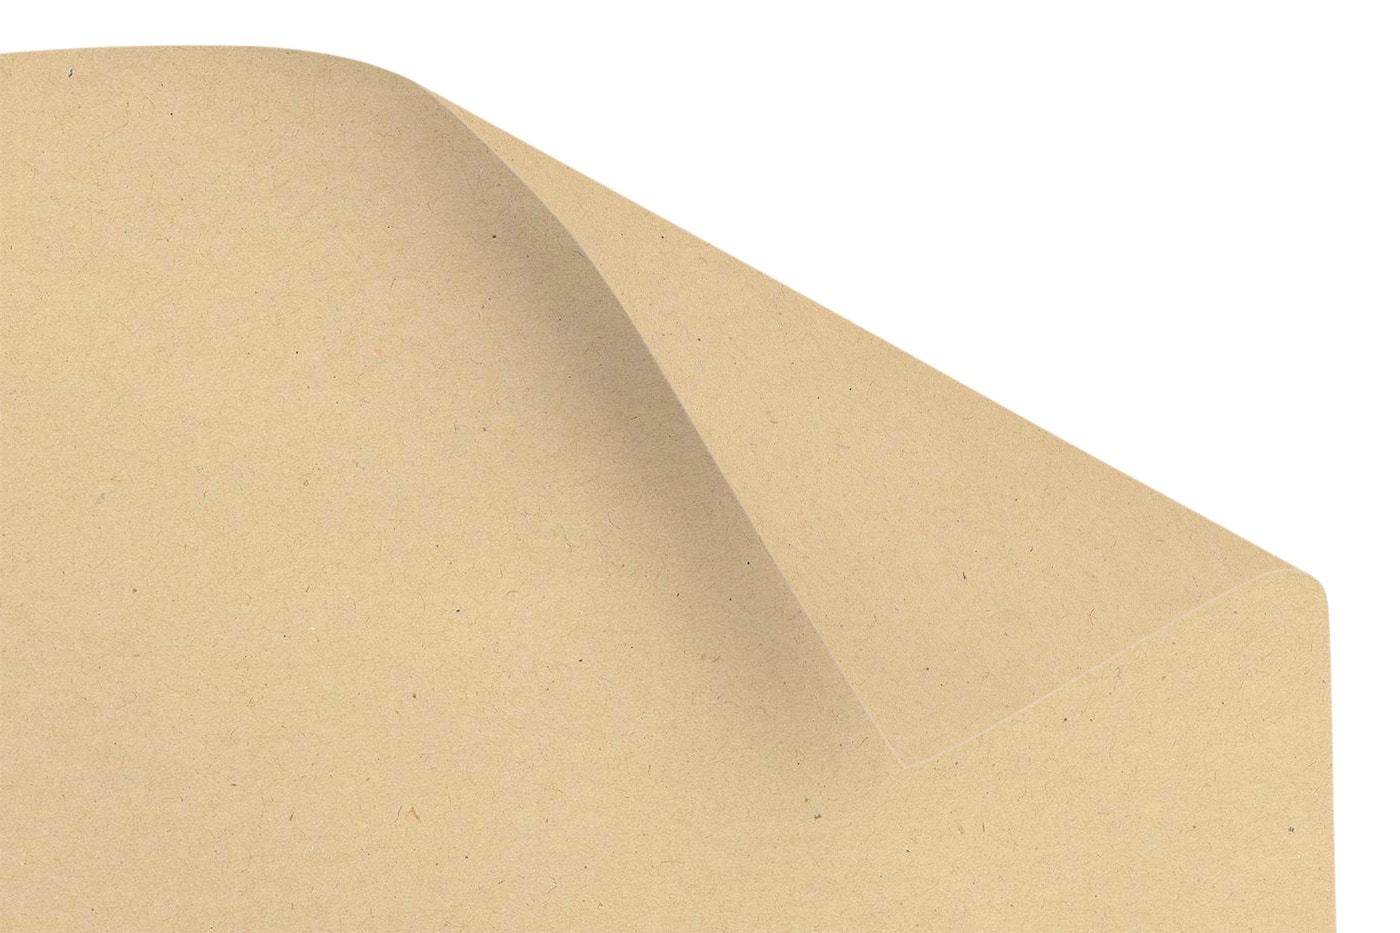 Schablonenkarton 320g/m² beige 100x100cm